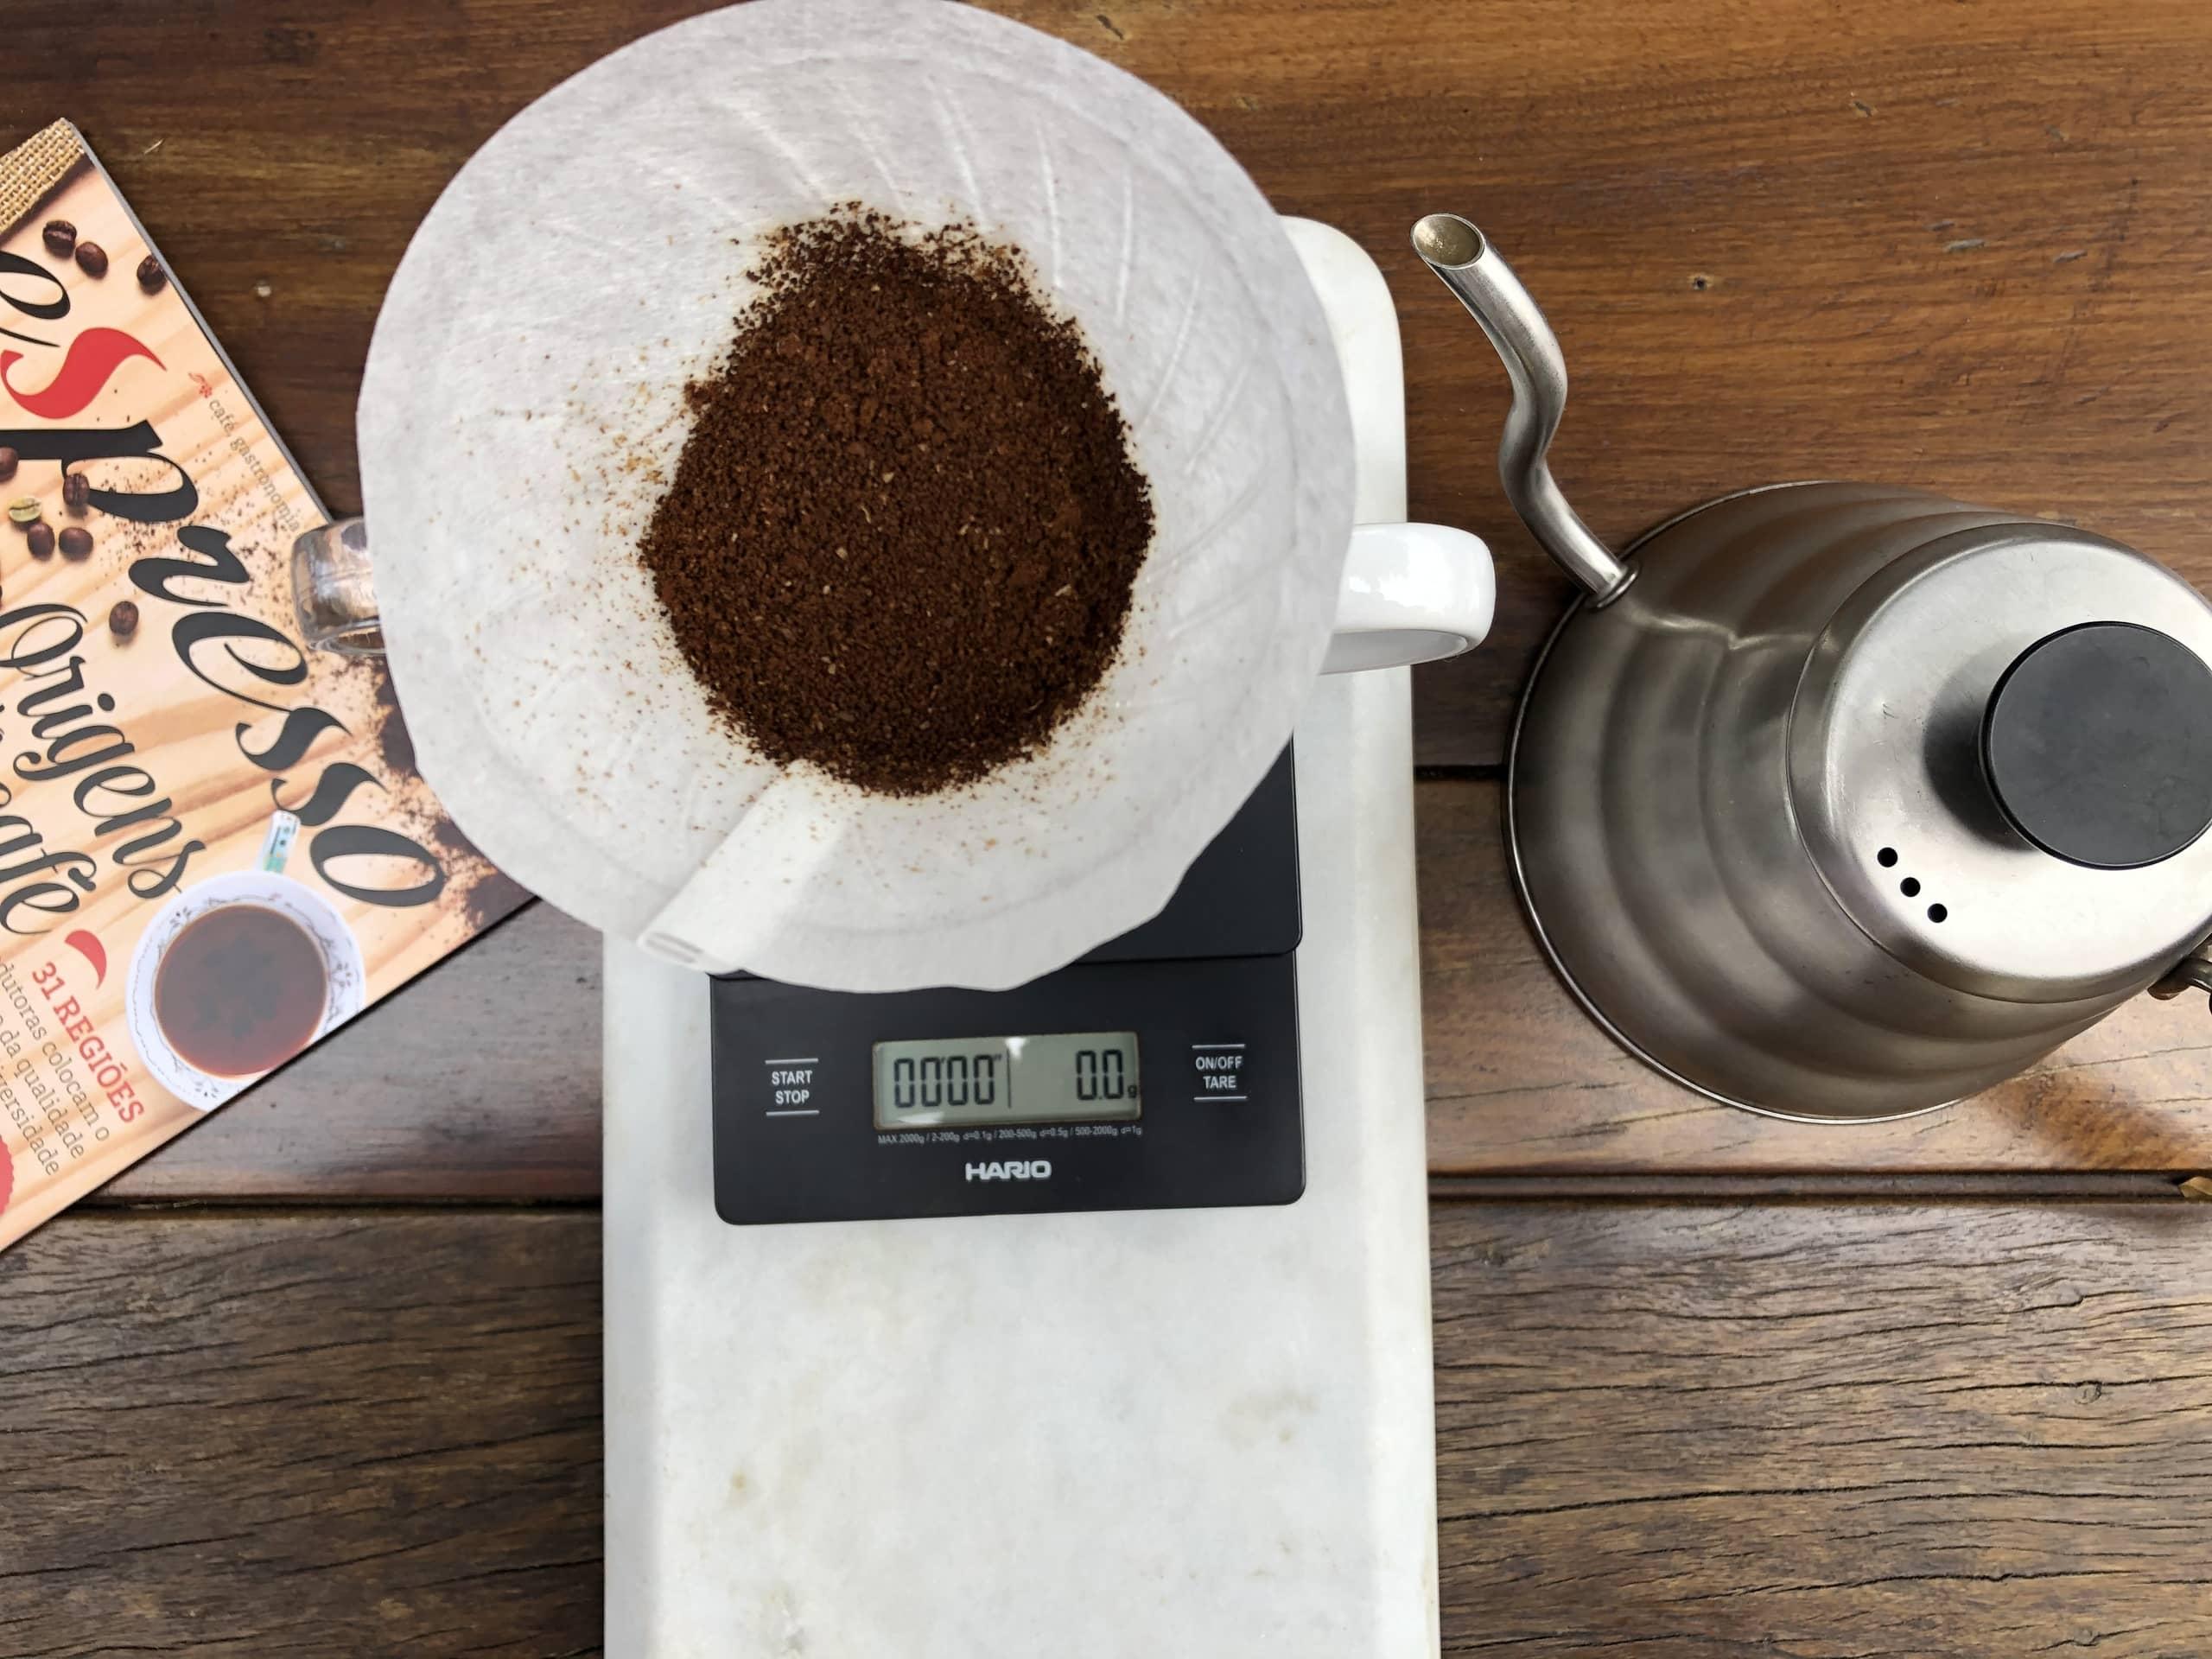 Imagem: Café especial filtrado na Hario V60. Nas cafeterias especializadas são usadas balanças especiais para pesar a proporção exata água/café. Para quem vai preparar em casa, uma medida que sempre dá certo é 1 colher sopa de café para 1 xícara 200ml de água.. Foto: Arquiteca Projetos Afetivos.